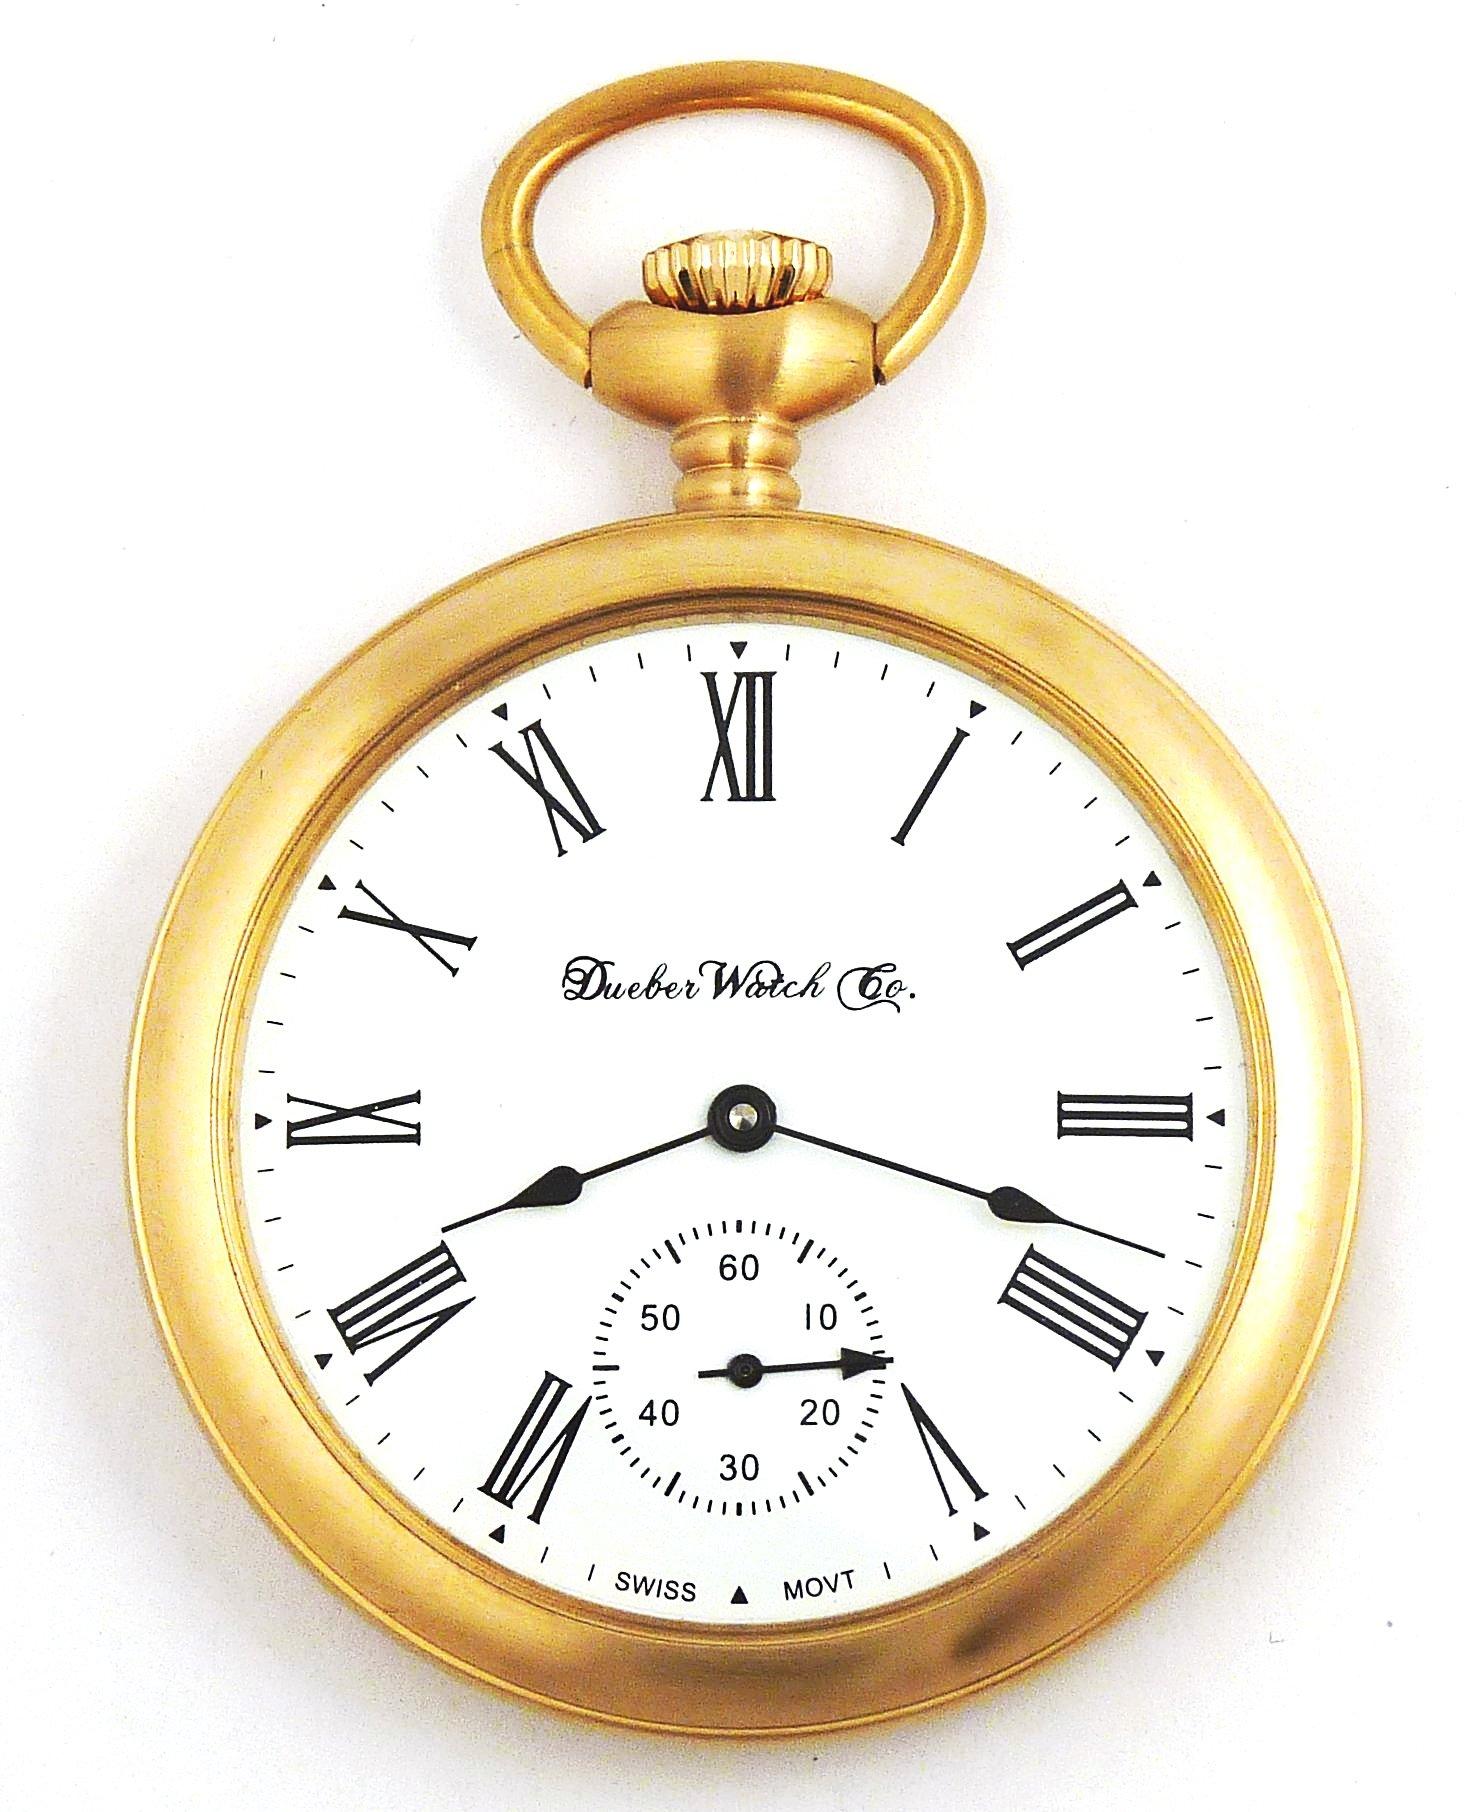 Dueber Swiss Mechanical Pocket Watch, Satin Gold Open Face Case, Assembled in USA!